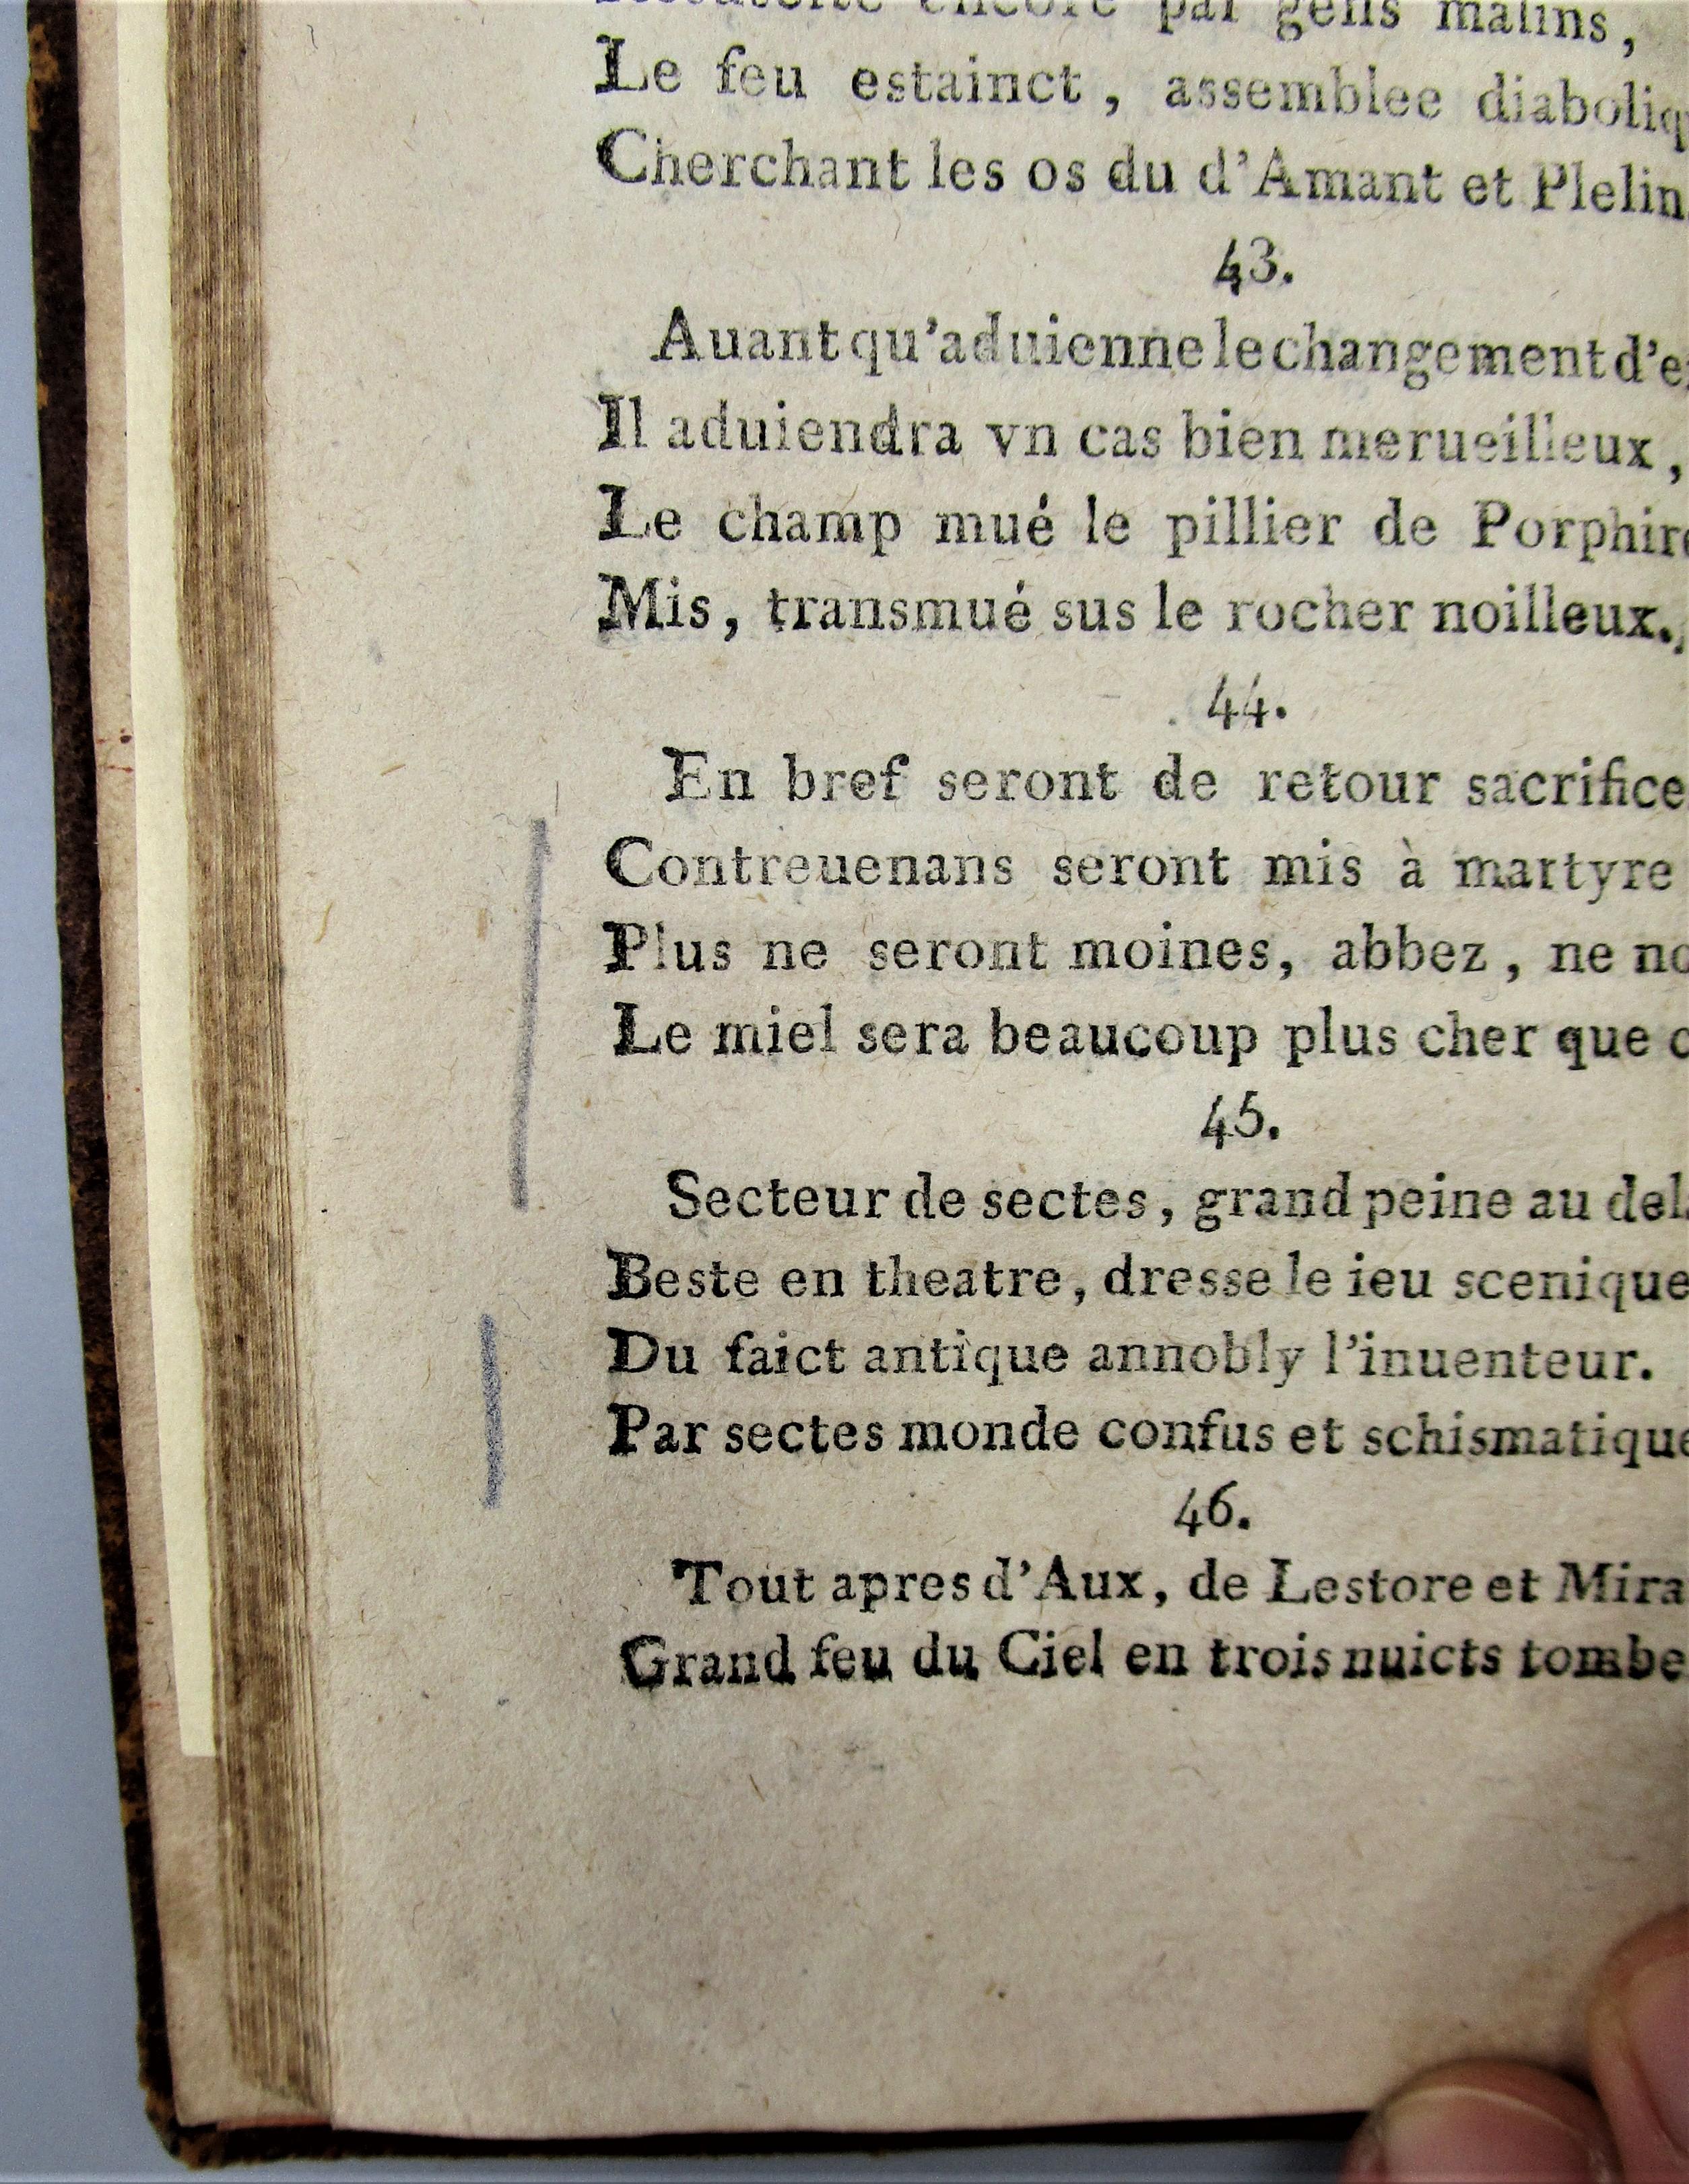 PROPHETIES DE MICHEL NOSTRADAMUS - c.1780